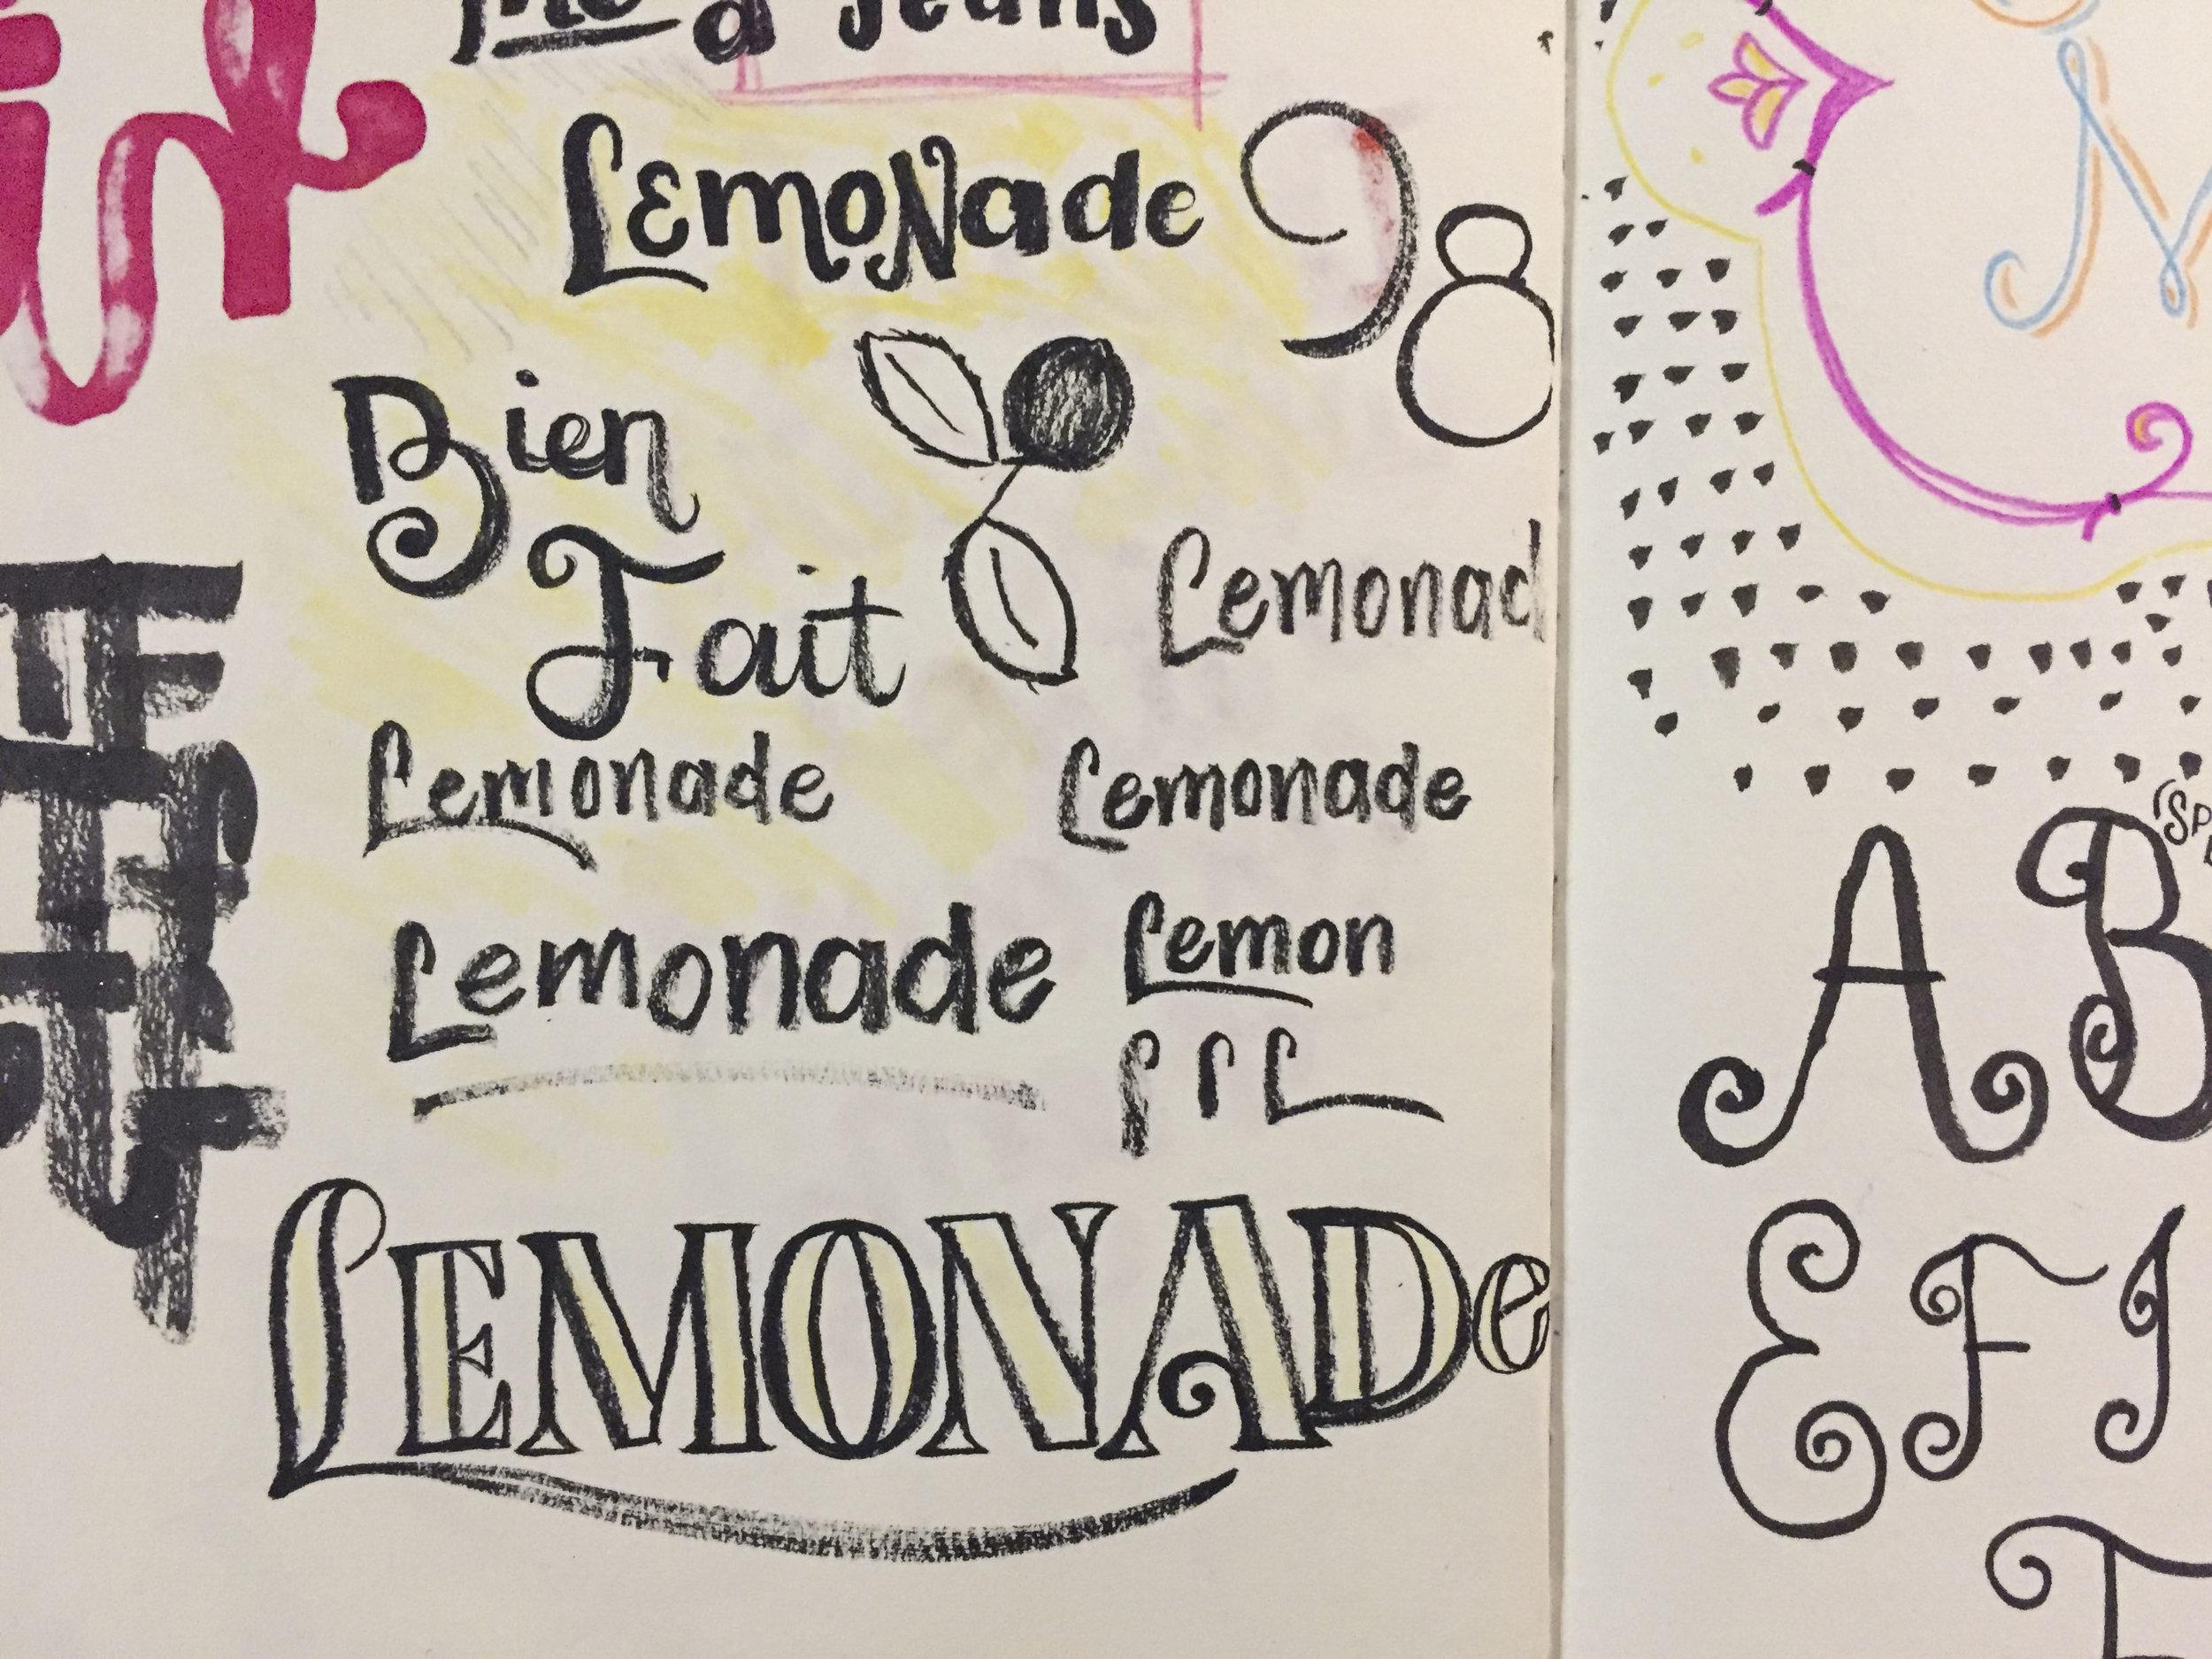 Lemonade_Sketchbook.JPG